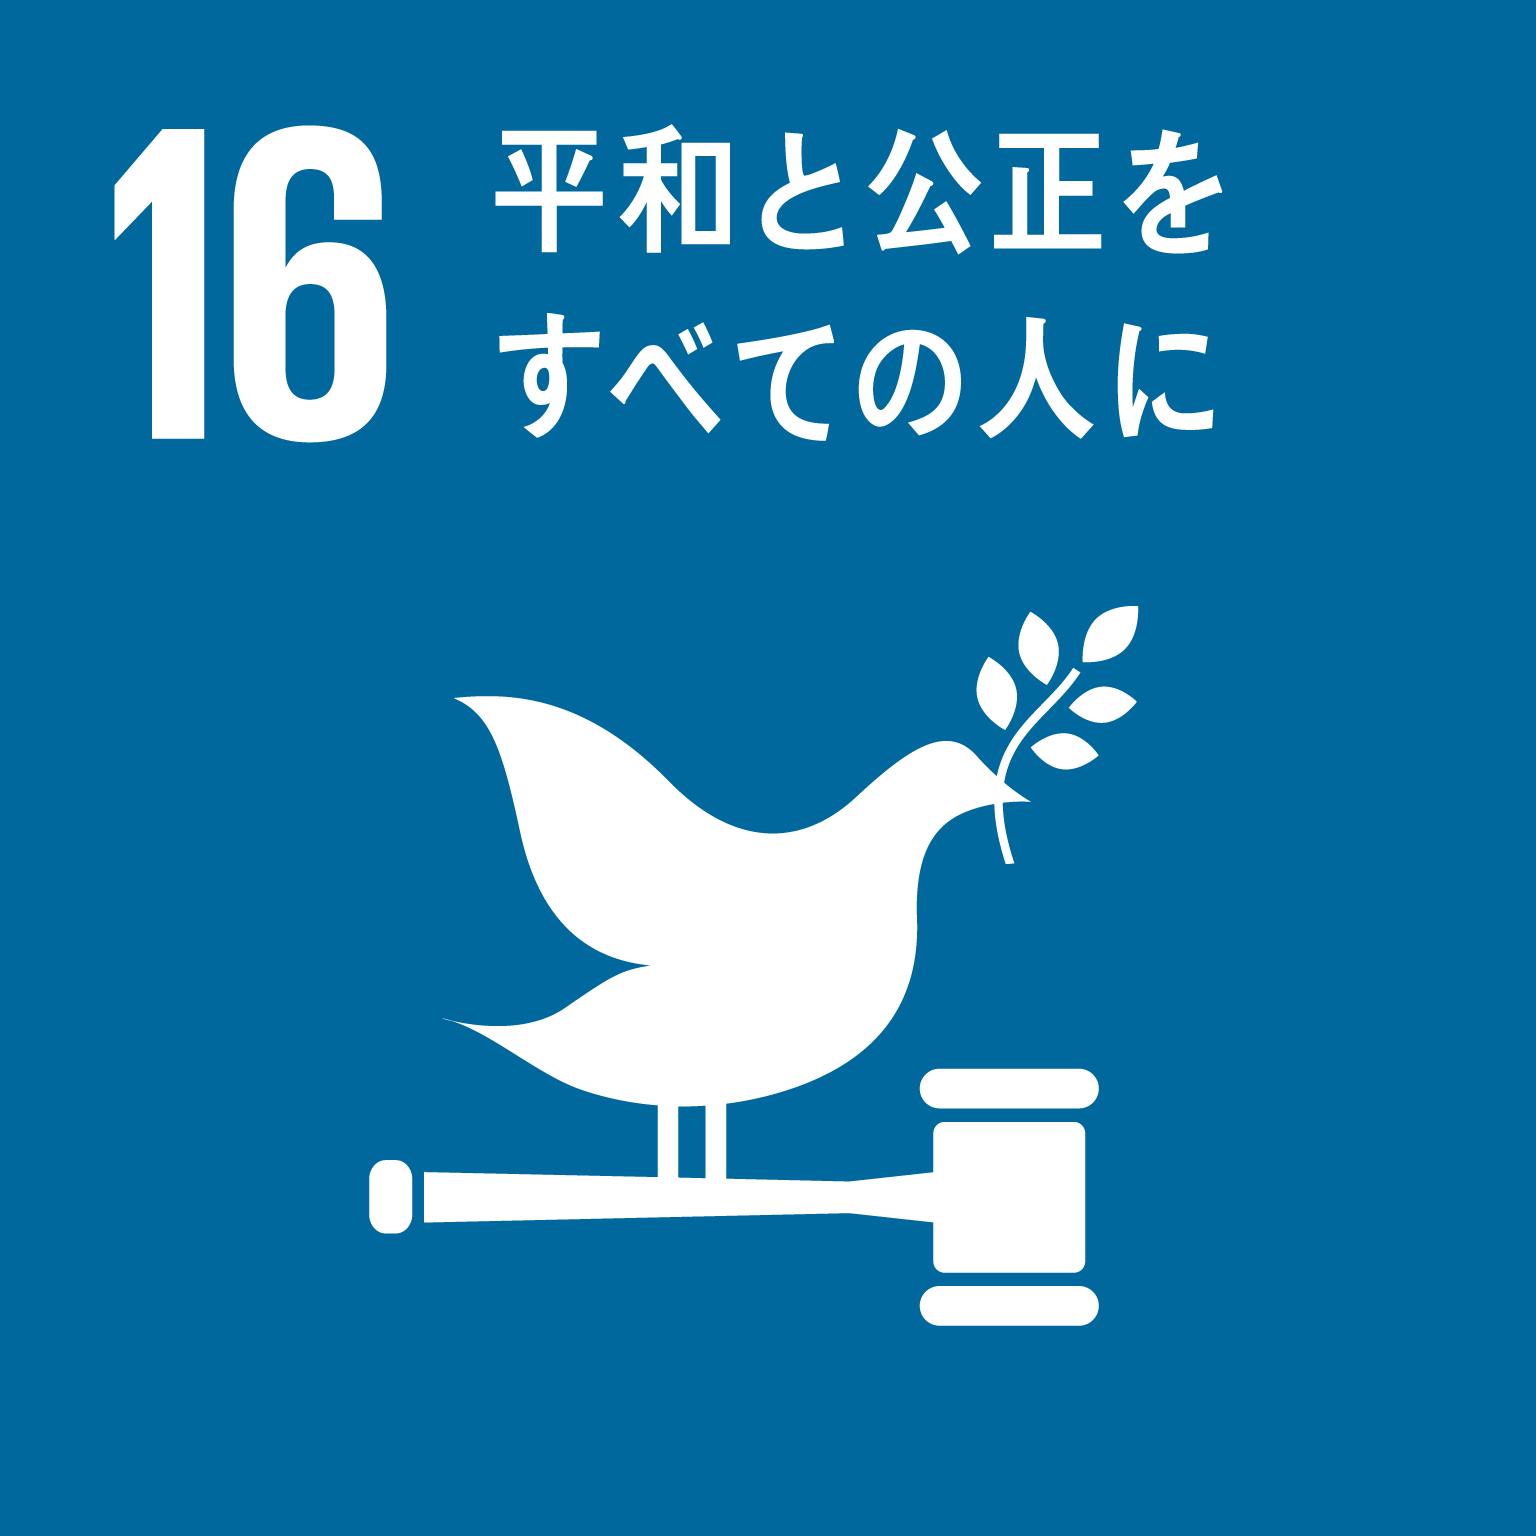 目標16: 平和と公正をすべての人に